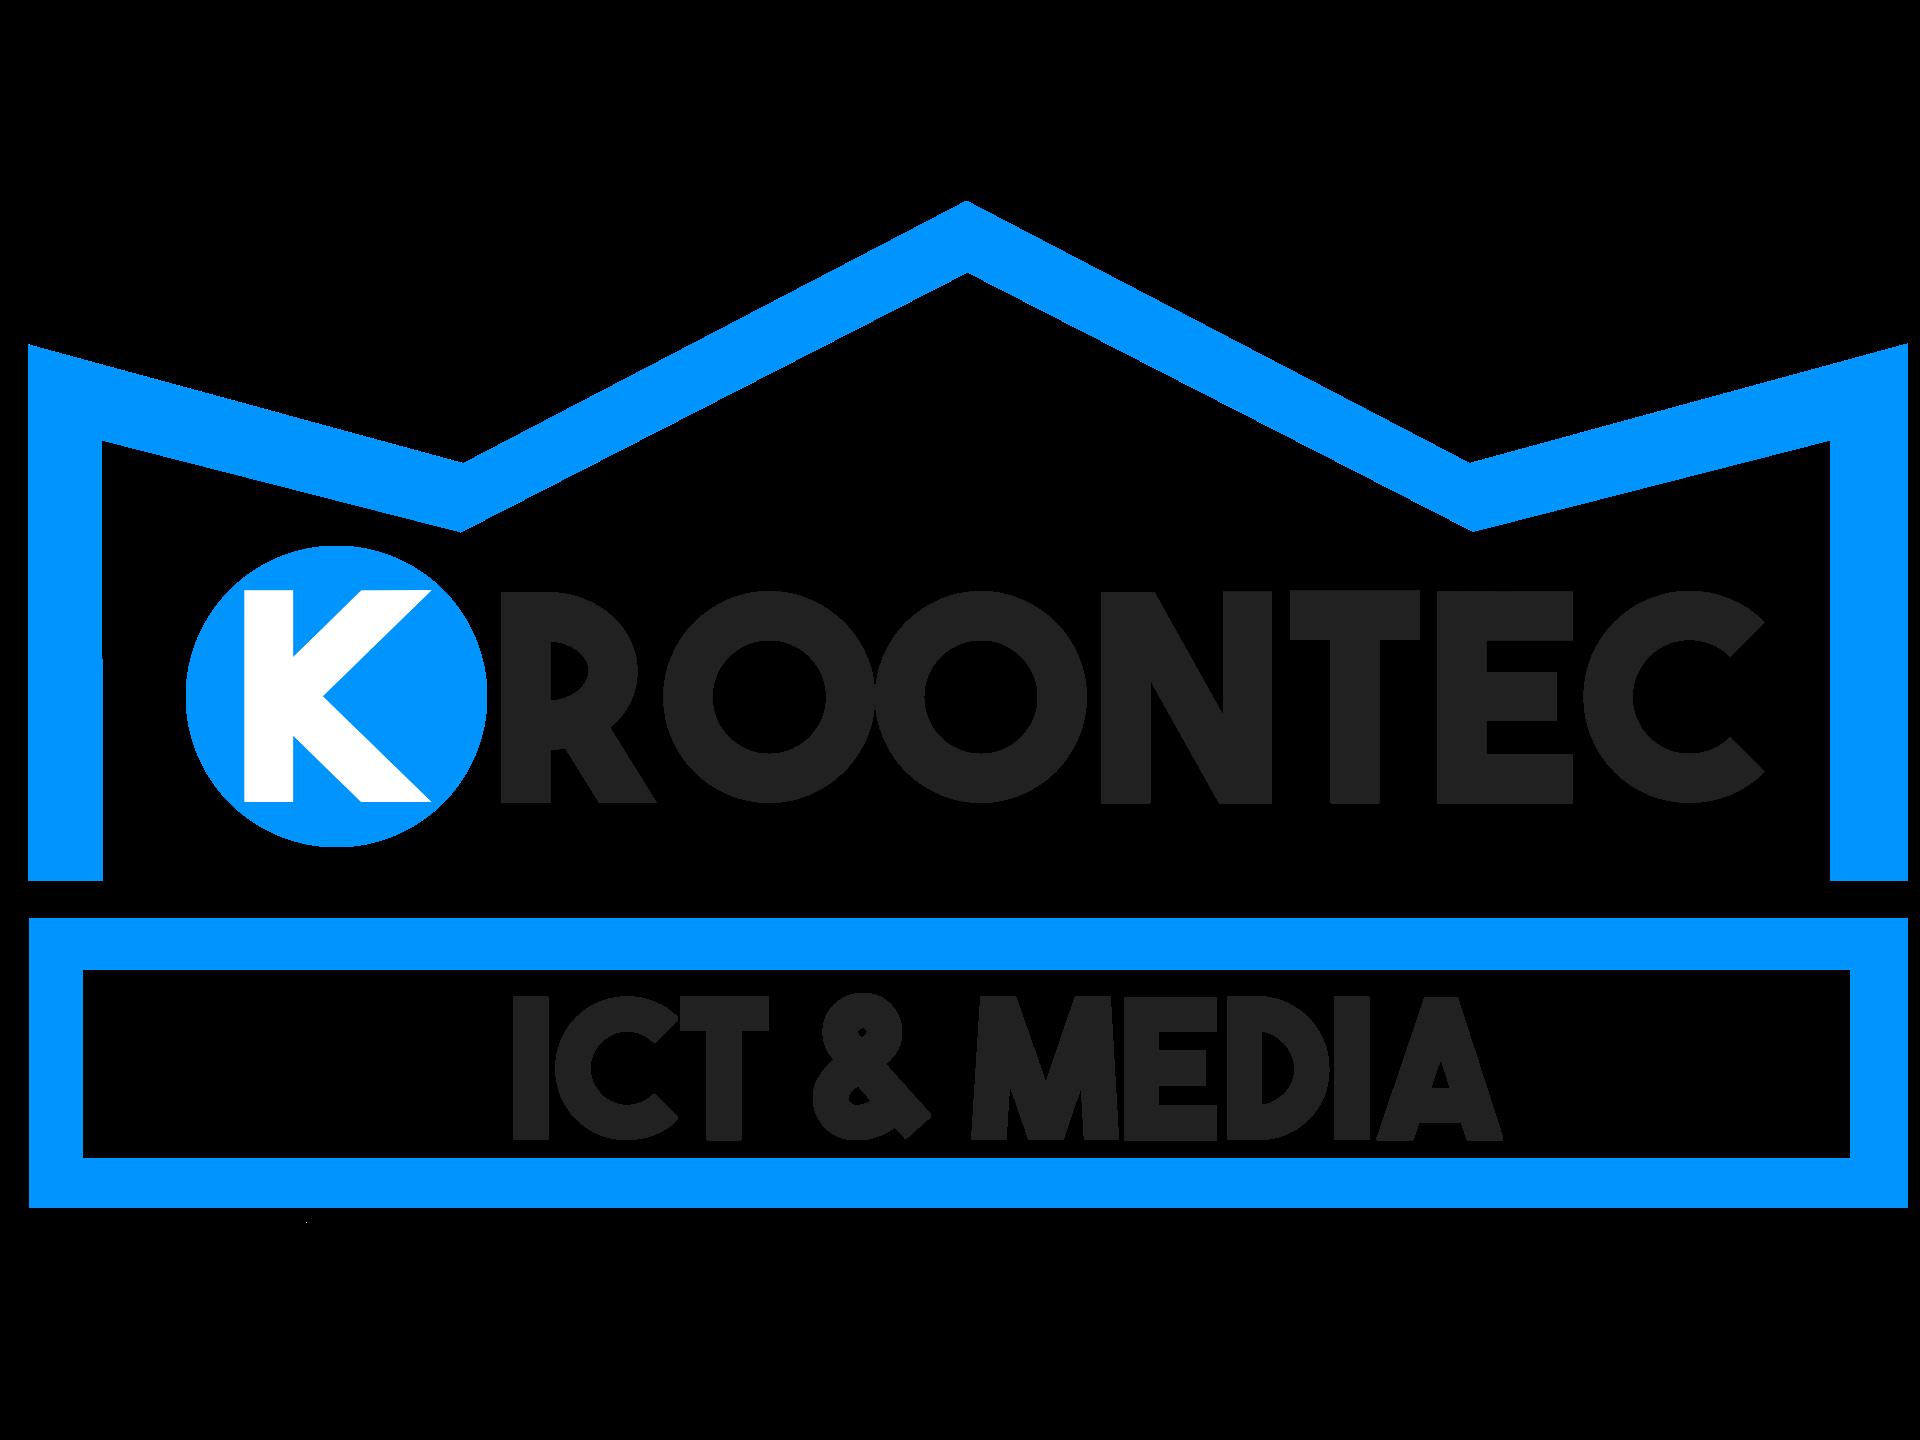 KroonTec ICT en Media